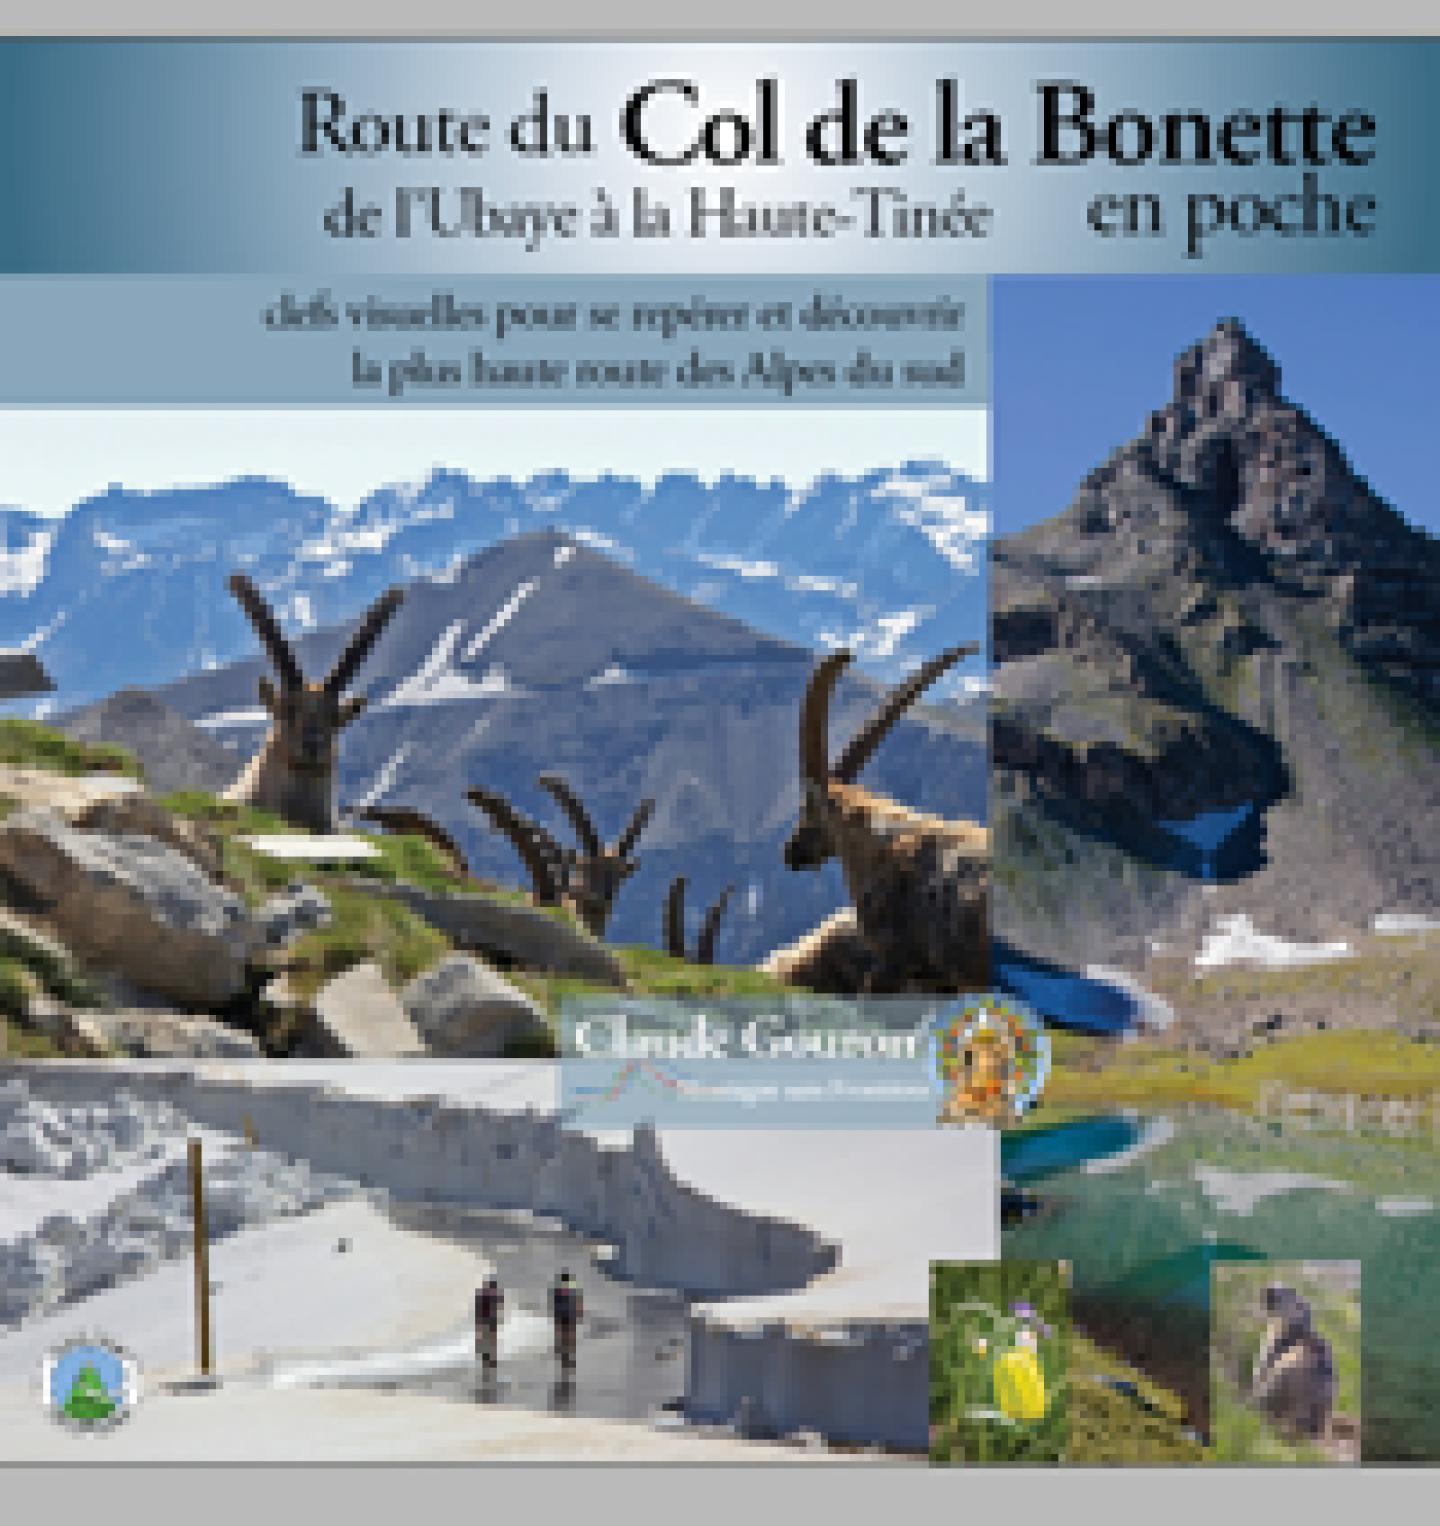 route-du-col-de-la-bonnette-claude-gouron-pt